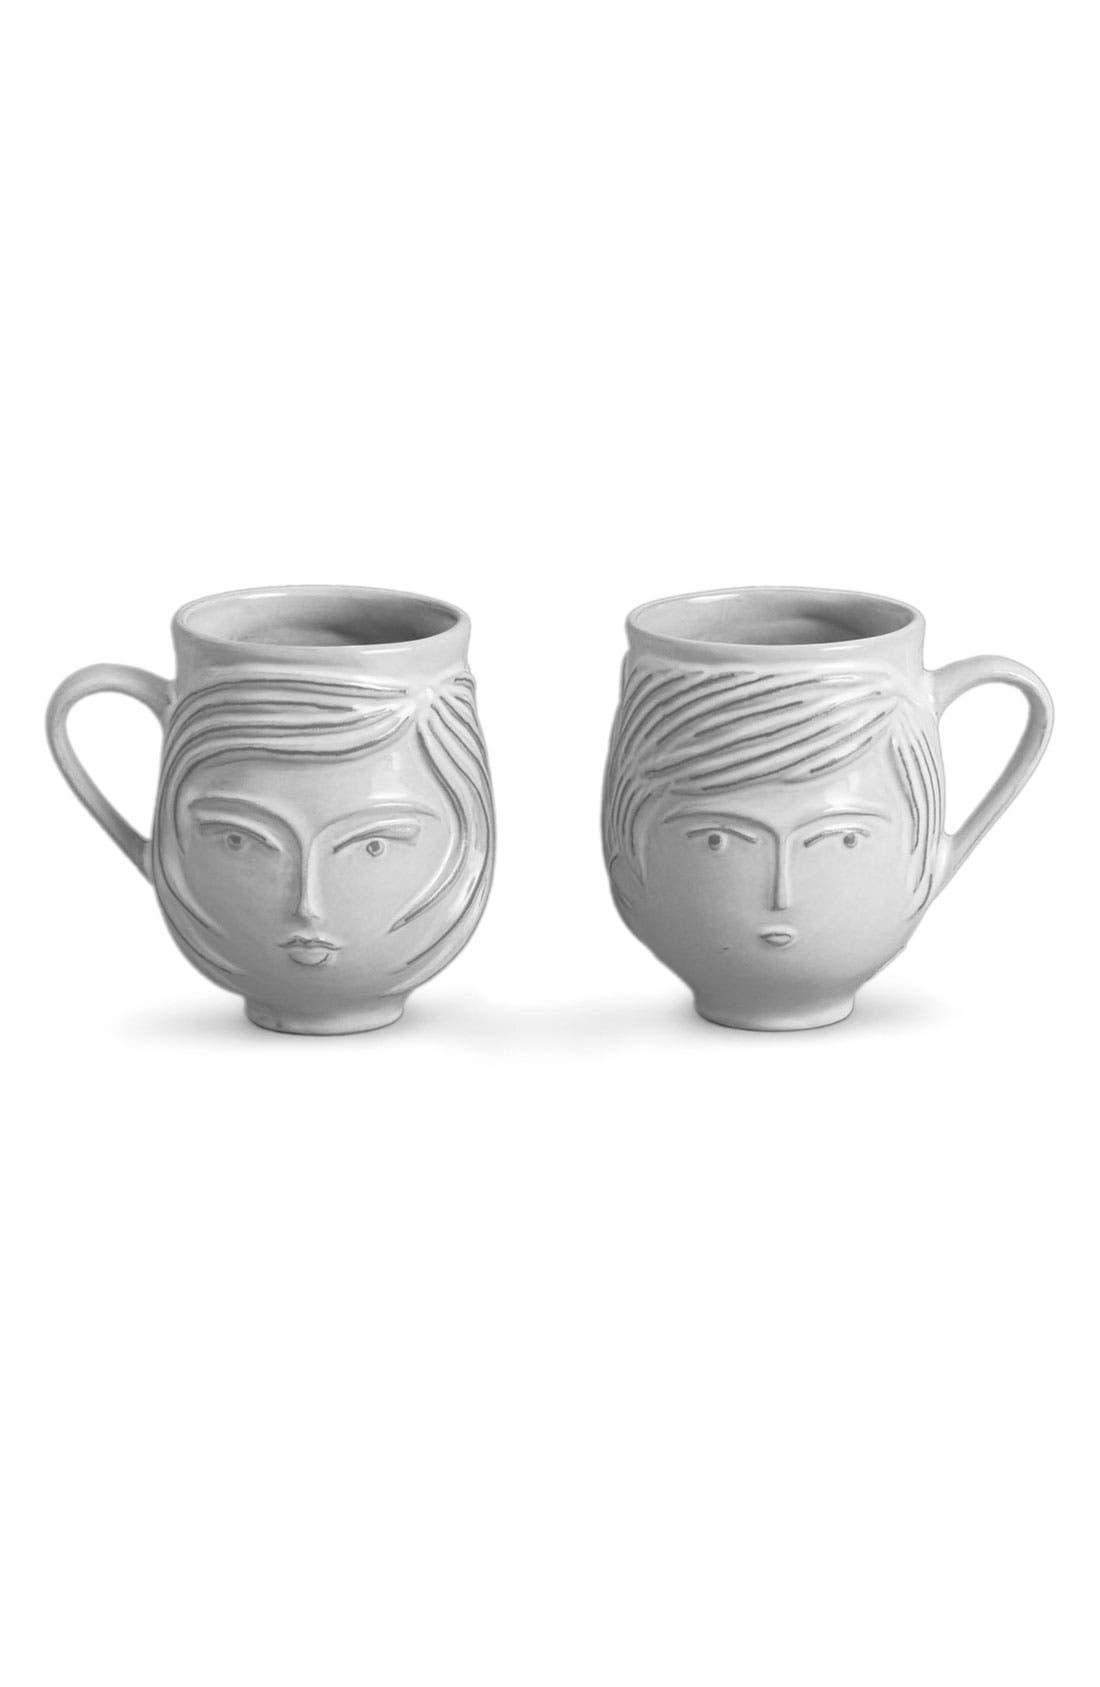 Main Image - Jonathan Adler 'Utopia' Reversible Mug